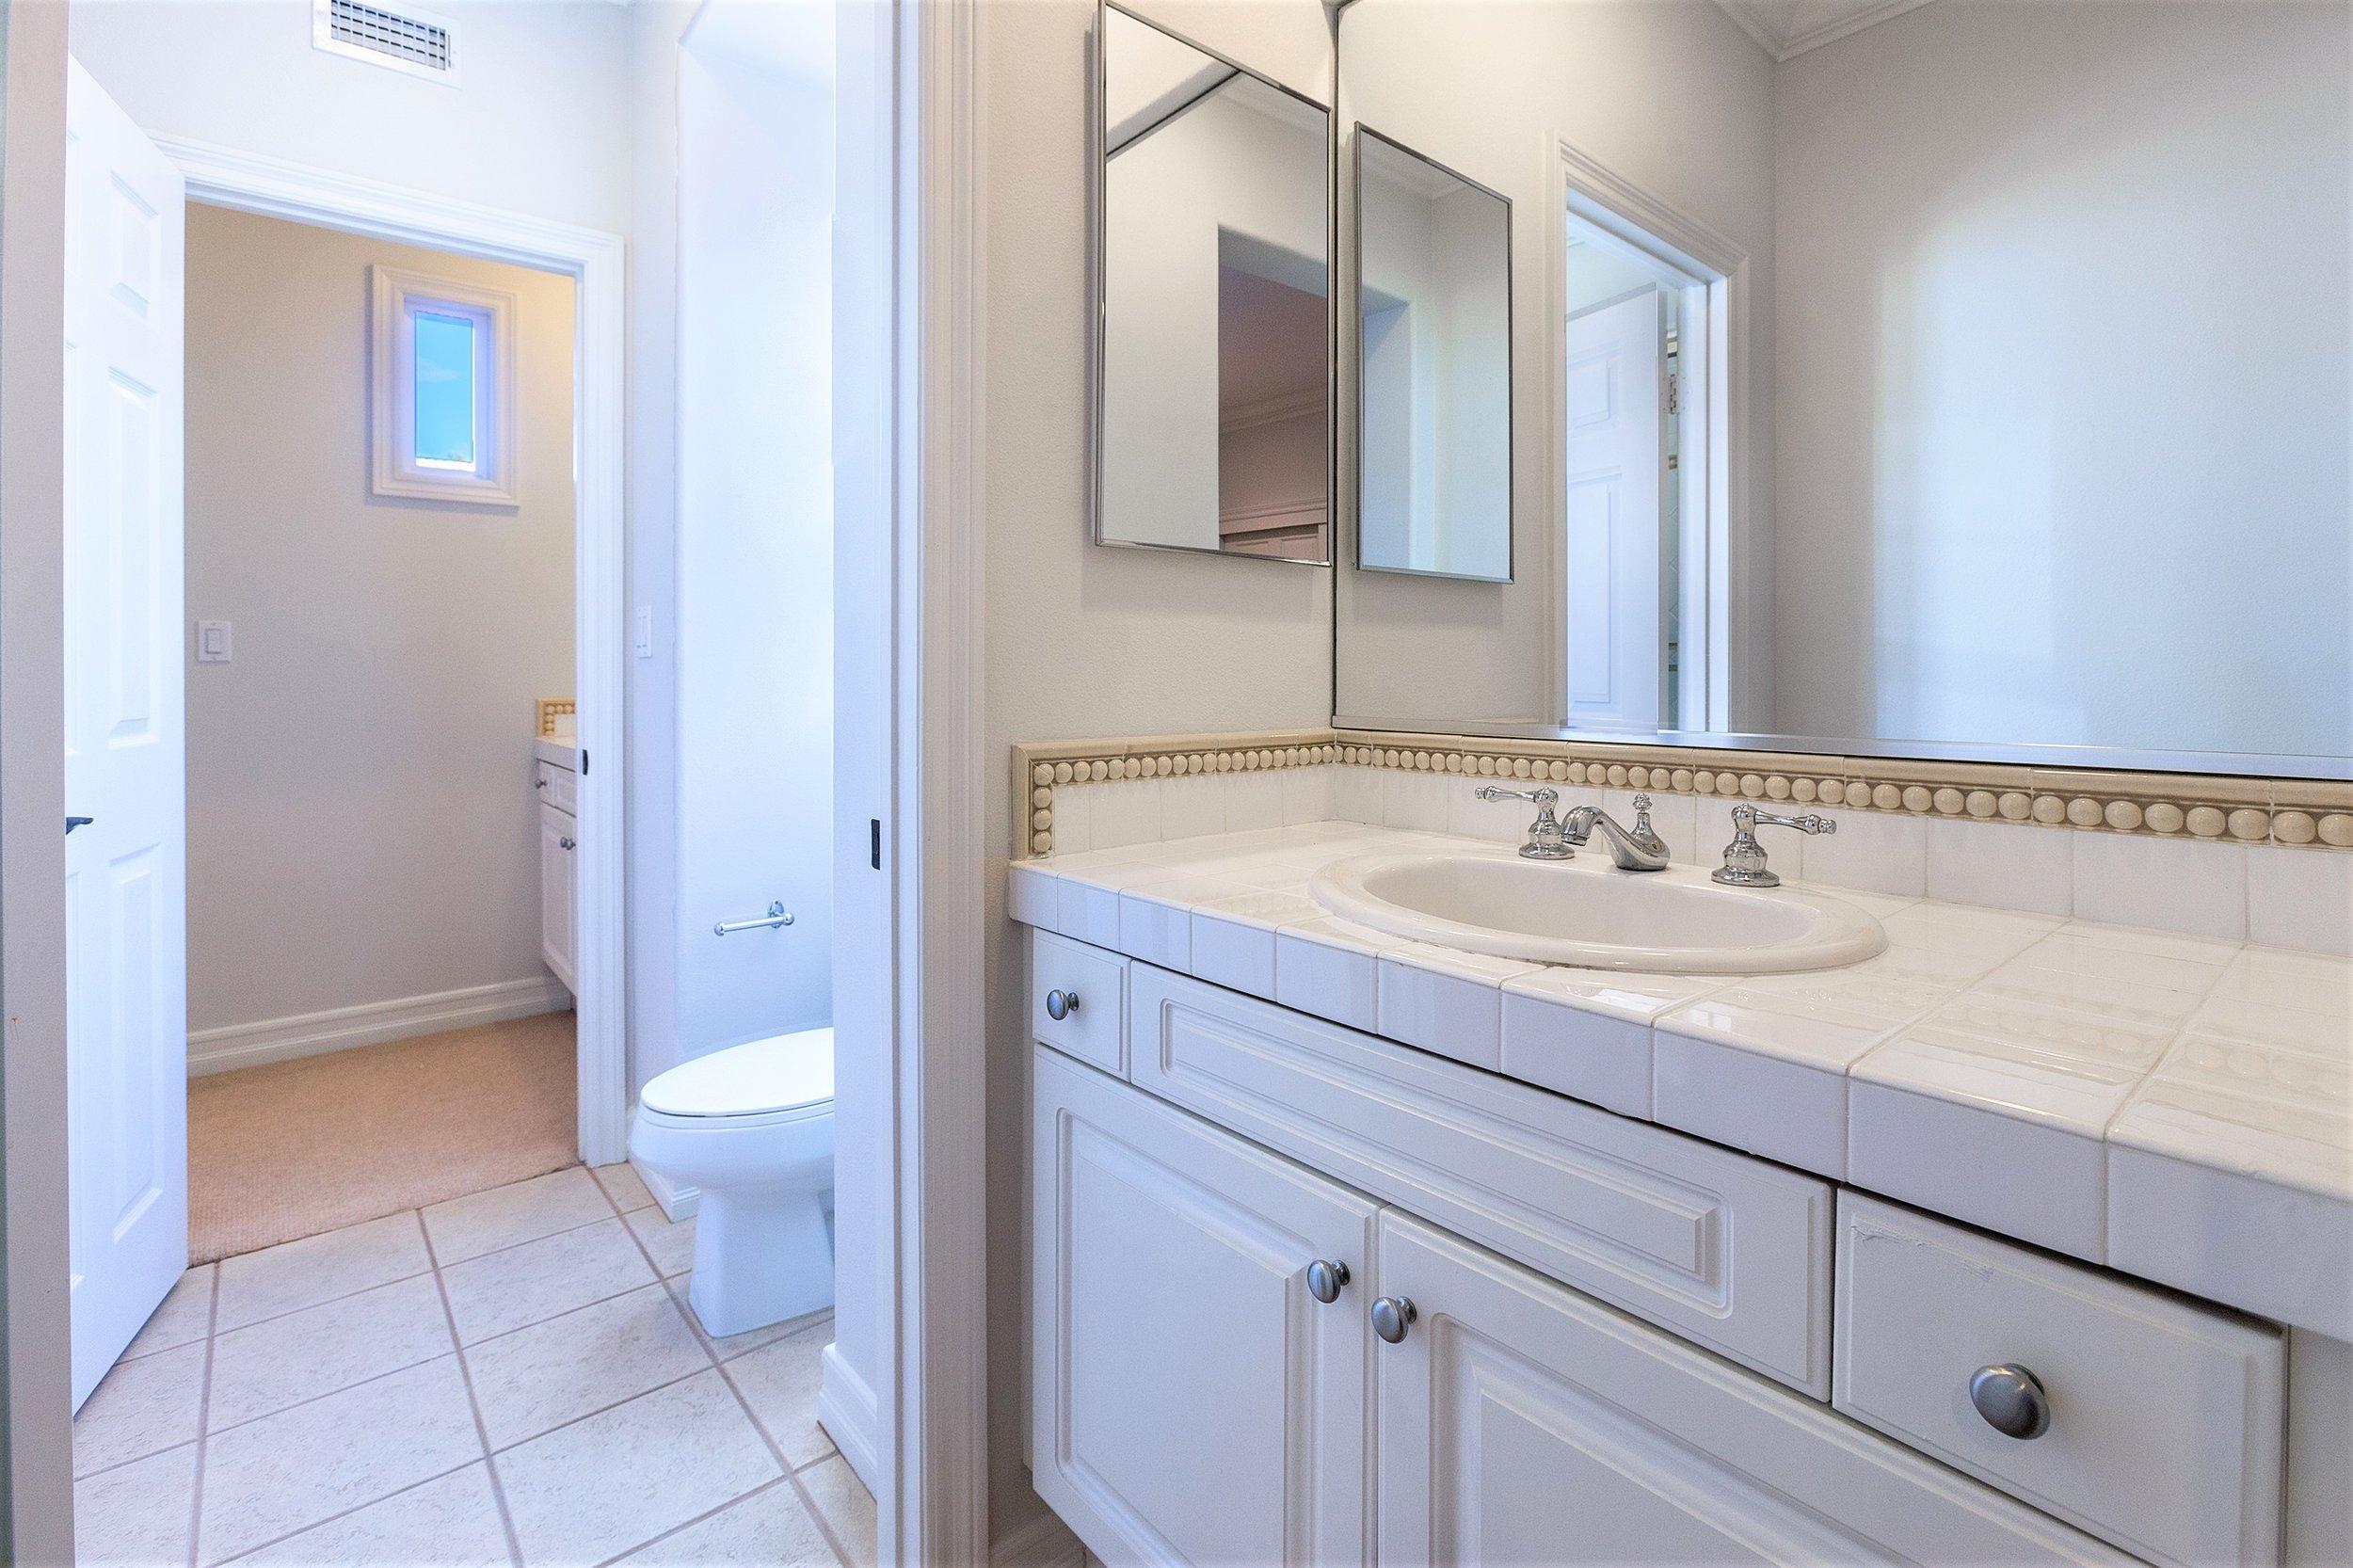 207 Tuberose - Jack'n Jill Bathroom.jpg